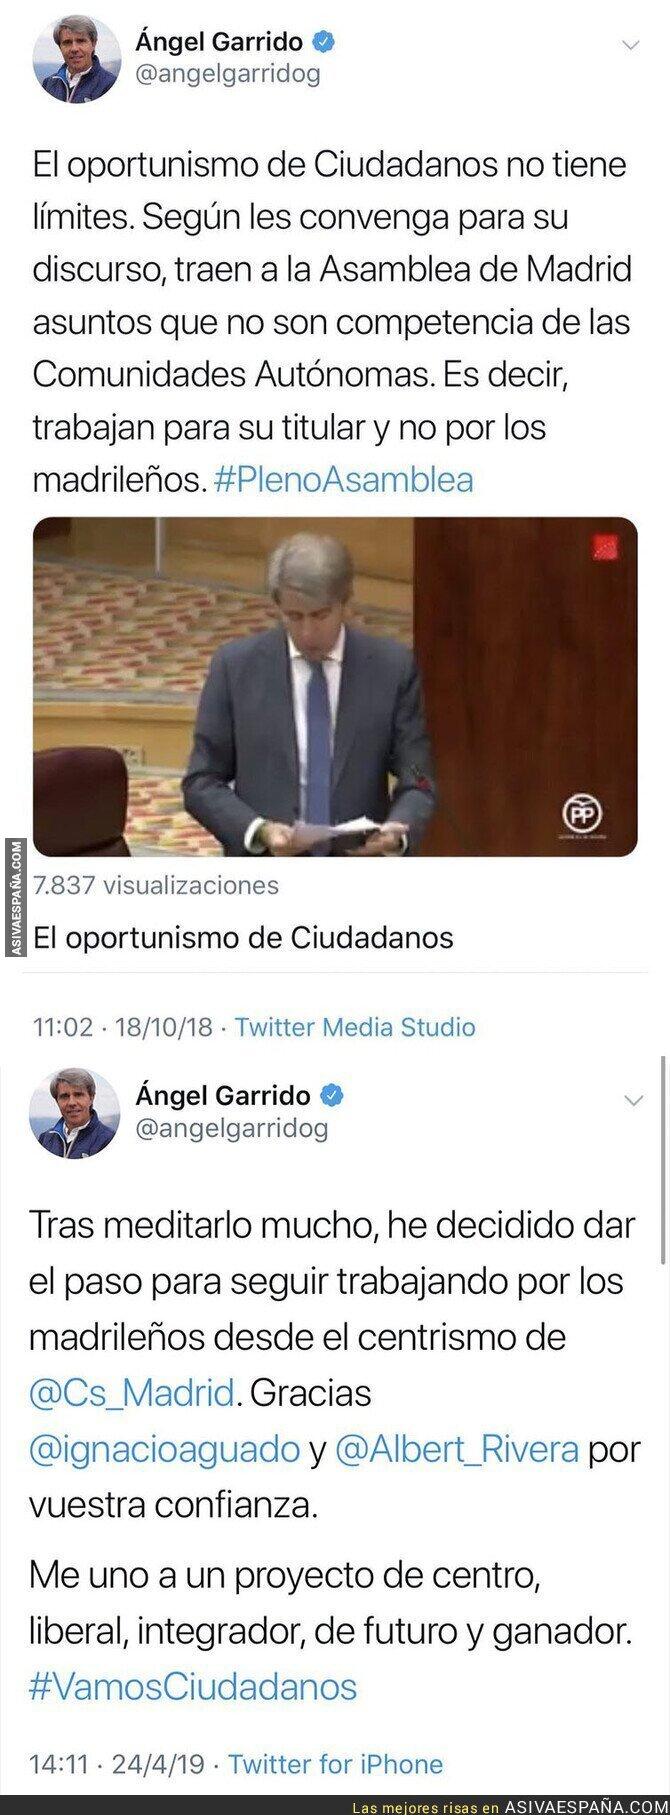 110391 - Así de retratado ha quedado Ángel Garrido tras fichar por Ciudadanos